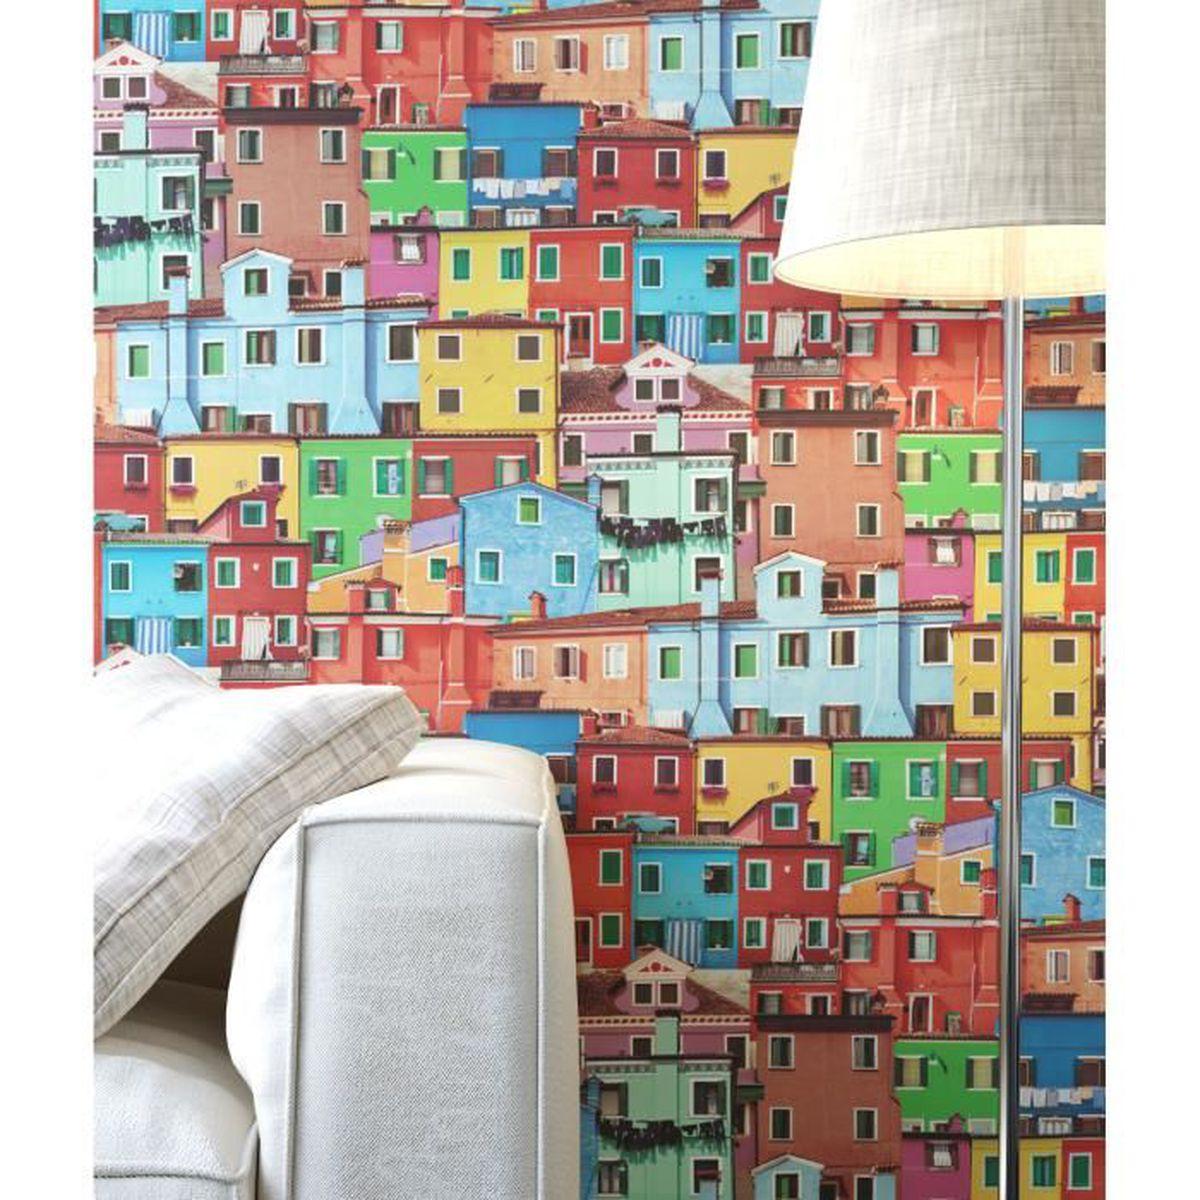 newroom papier peint color multicolore grafique moderne nature villes achat vente papier. Black Bedroom Furniture Sets. Home Design Ideas